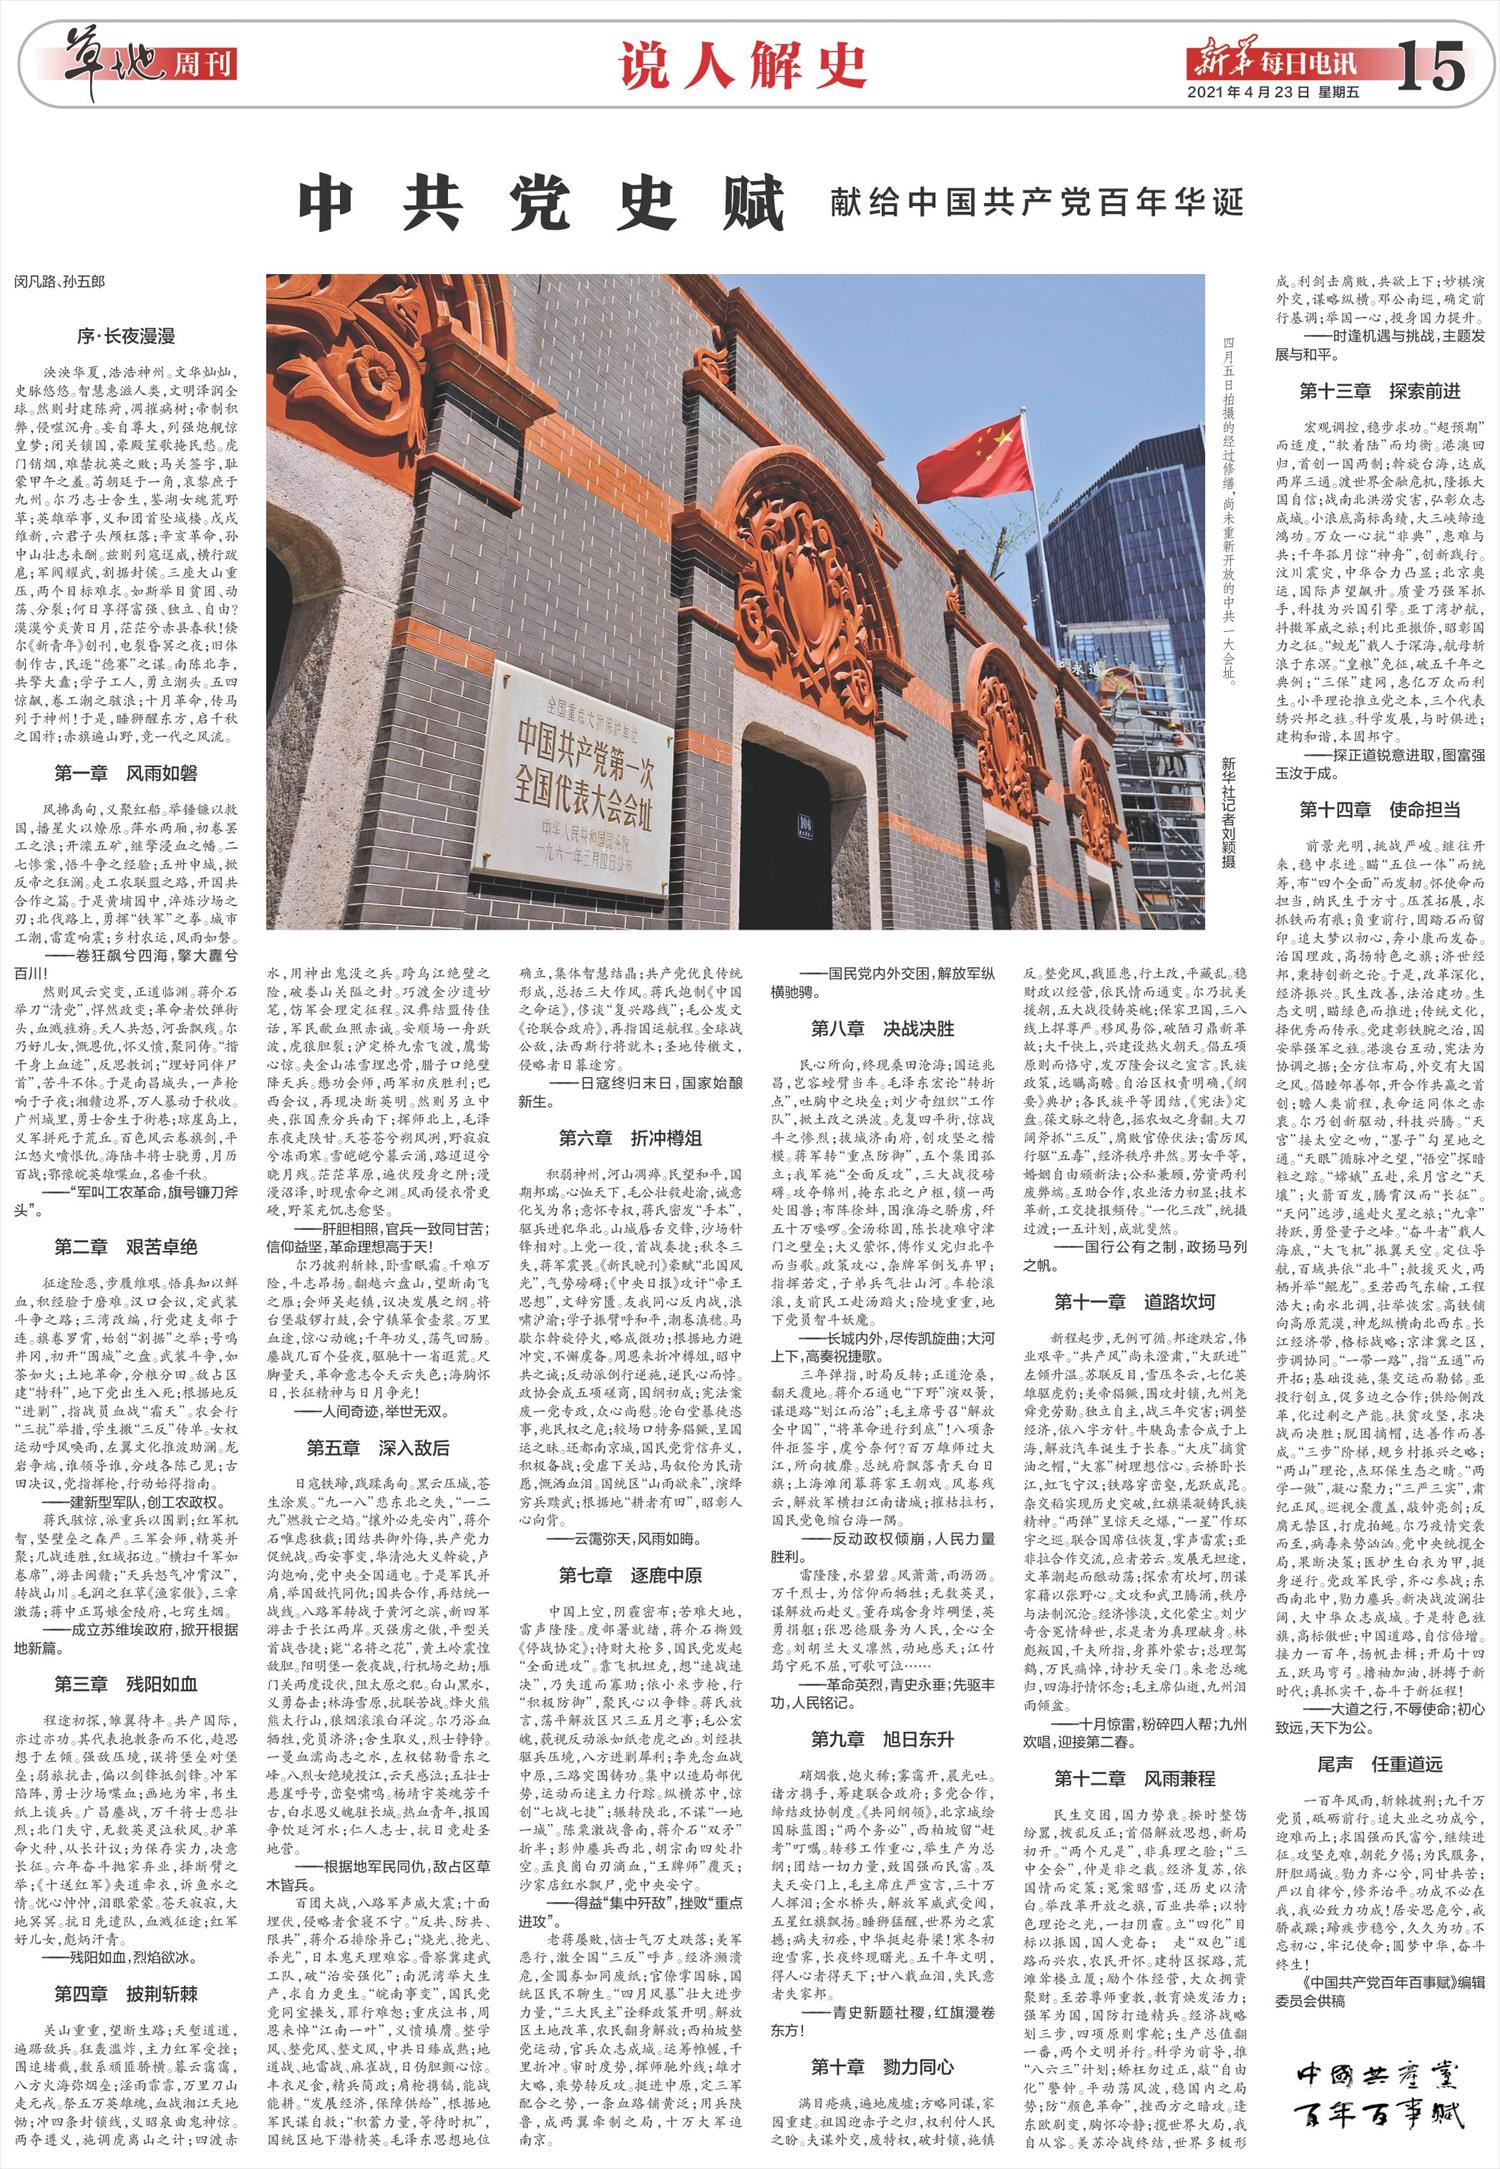 中共党史赋——献给中国共产党百年华诞